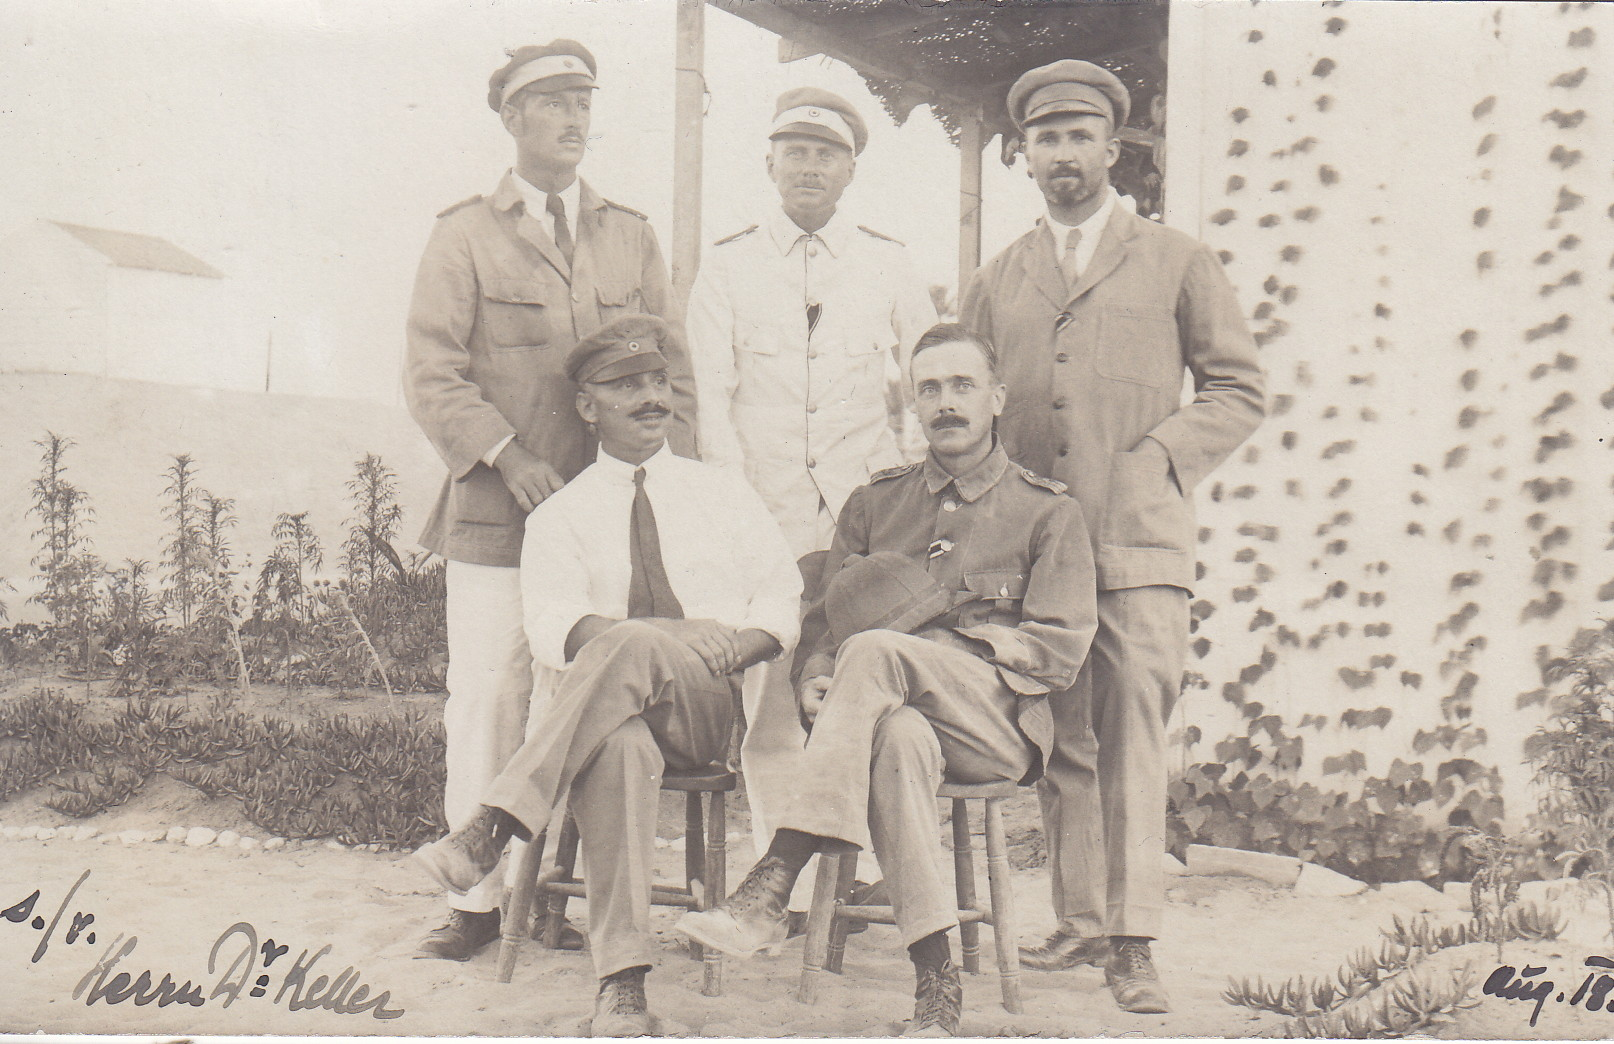 Offiziere vor der Baracke (Lt. von Frantz, Lt. Schäfer, Lt. Hengstenberg, Lt. Kalman, Oblt. von Unterrichter)